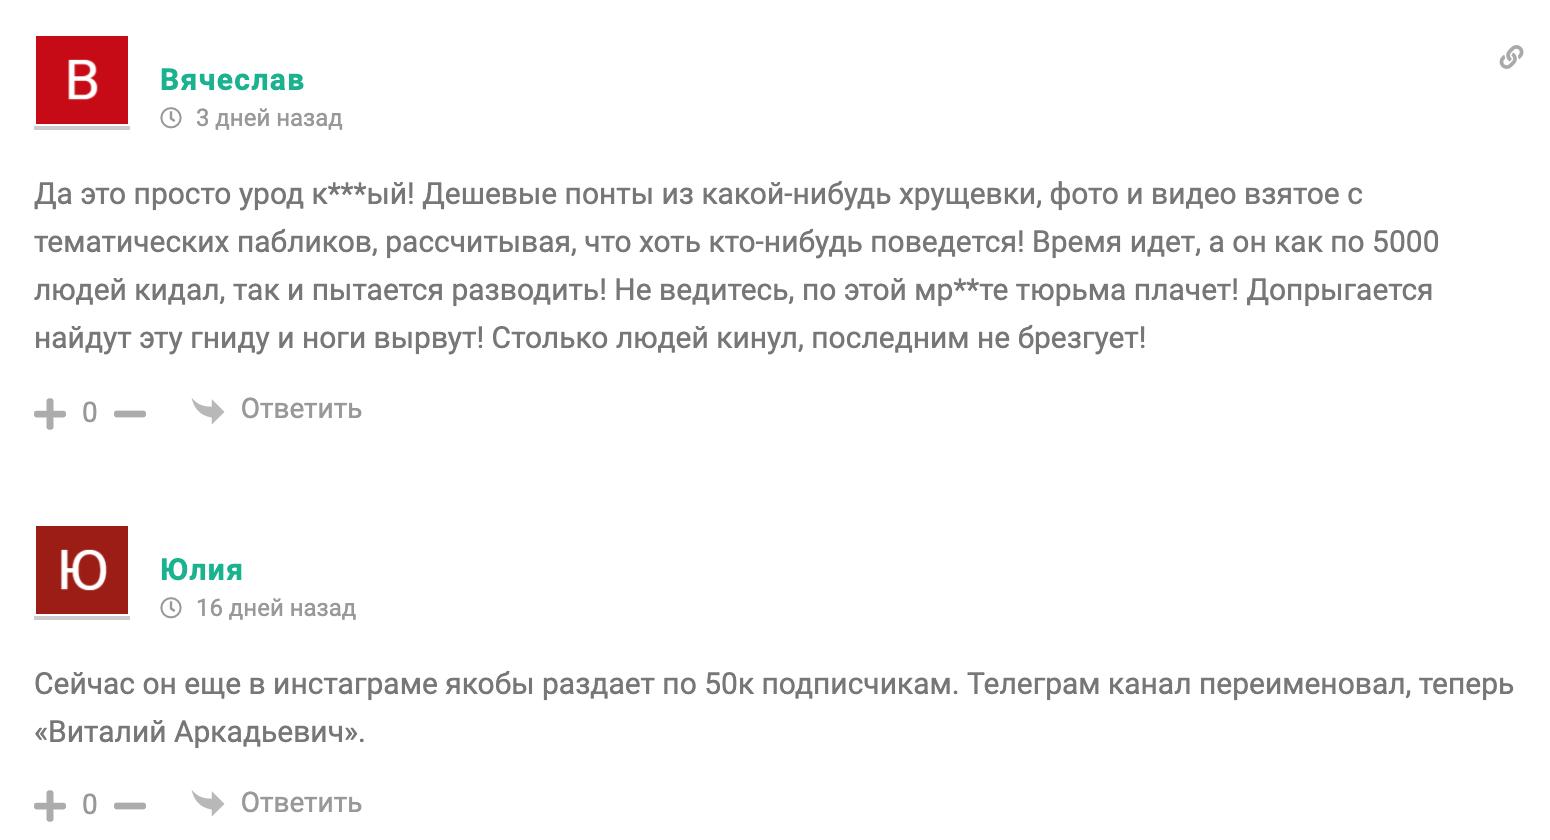 Отзывы о работе каппера Виталия Комарова